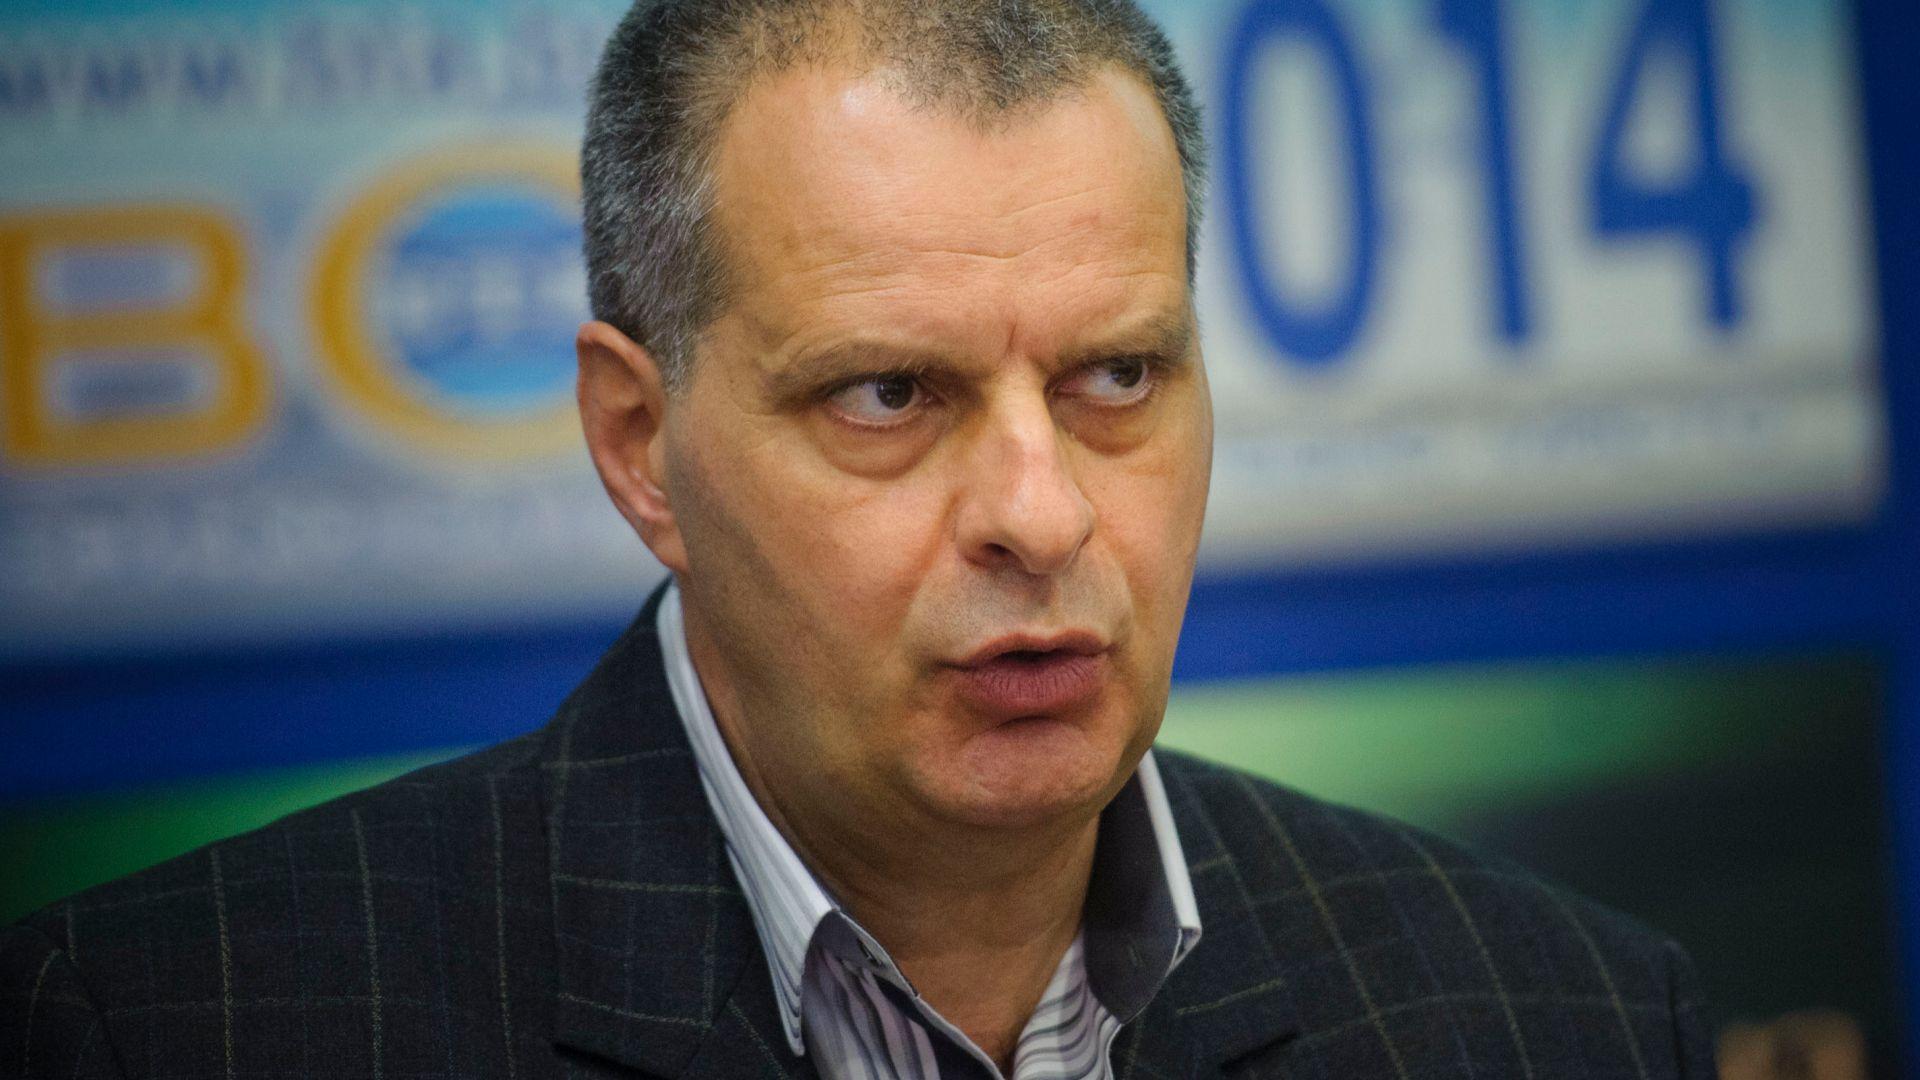 Ляв социолог: Радев е проамериканси настроен, ще прави партия с Паси